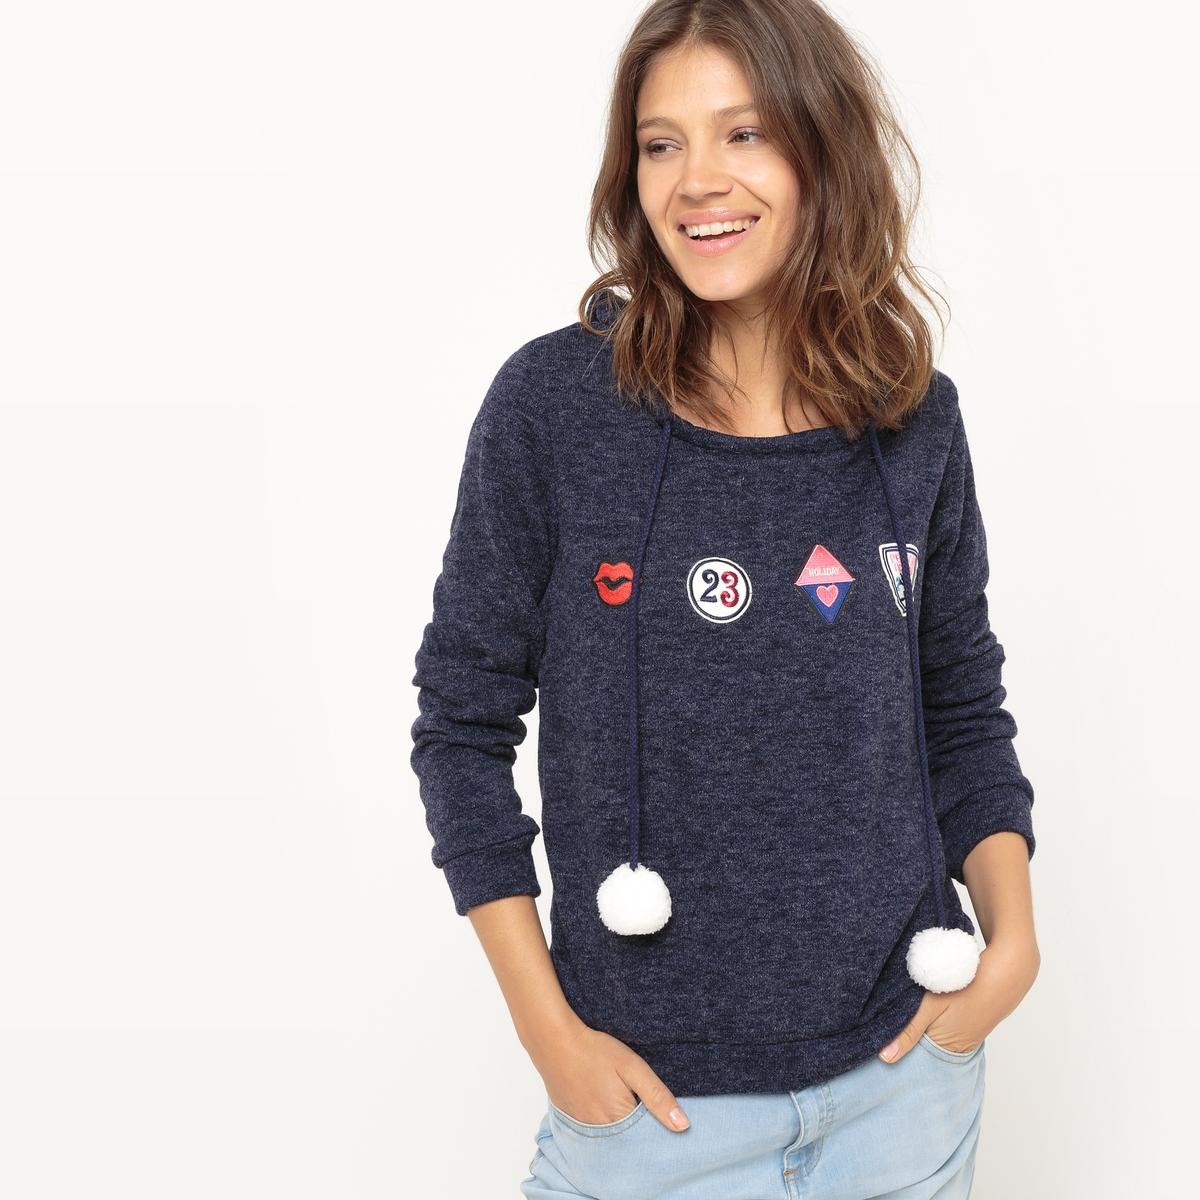 Пуловер с длинными рукавами, нашивками и помпонамиМатериал : 66% акрила, 19% полиамида, 15% полиэстера Длина рукава : длинные рукава Форма воротника : круглый вырез Покрой пуловера : стандартный Рисунок : рисунок спереди<br><br>Цвет: темно-синий<br>Размер: S/M